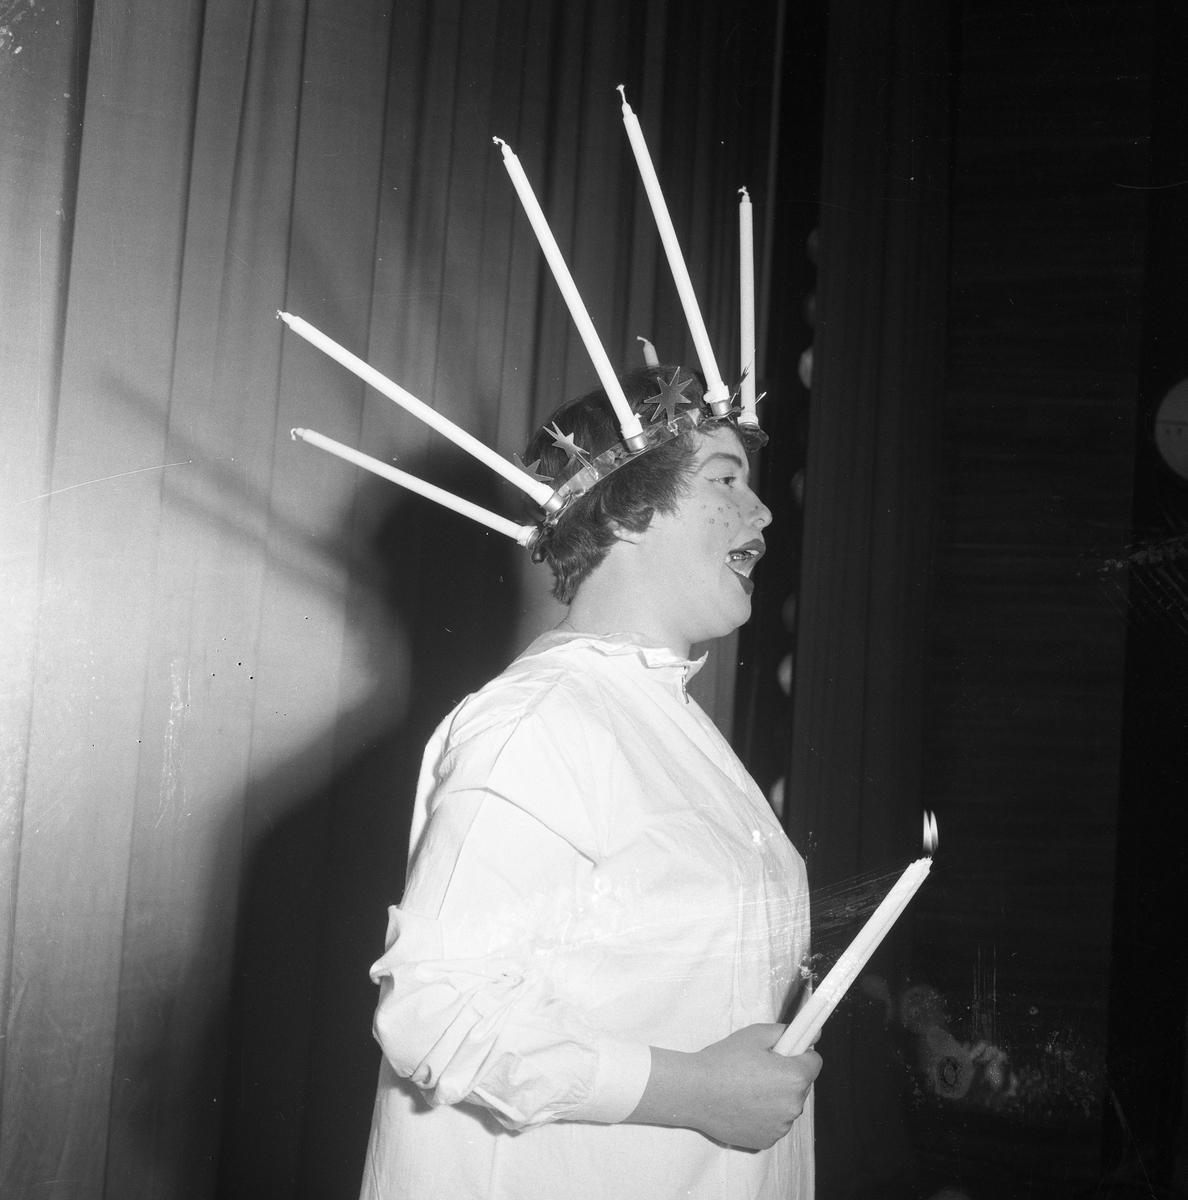 Arbogarevyn spelar upp sin Jubileumsrevy. Man utklädd till Lucia med långa stearinljus i kronan och ett ljus i handen.